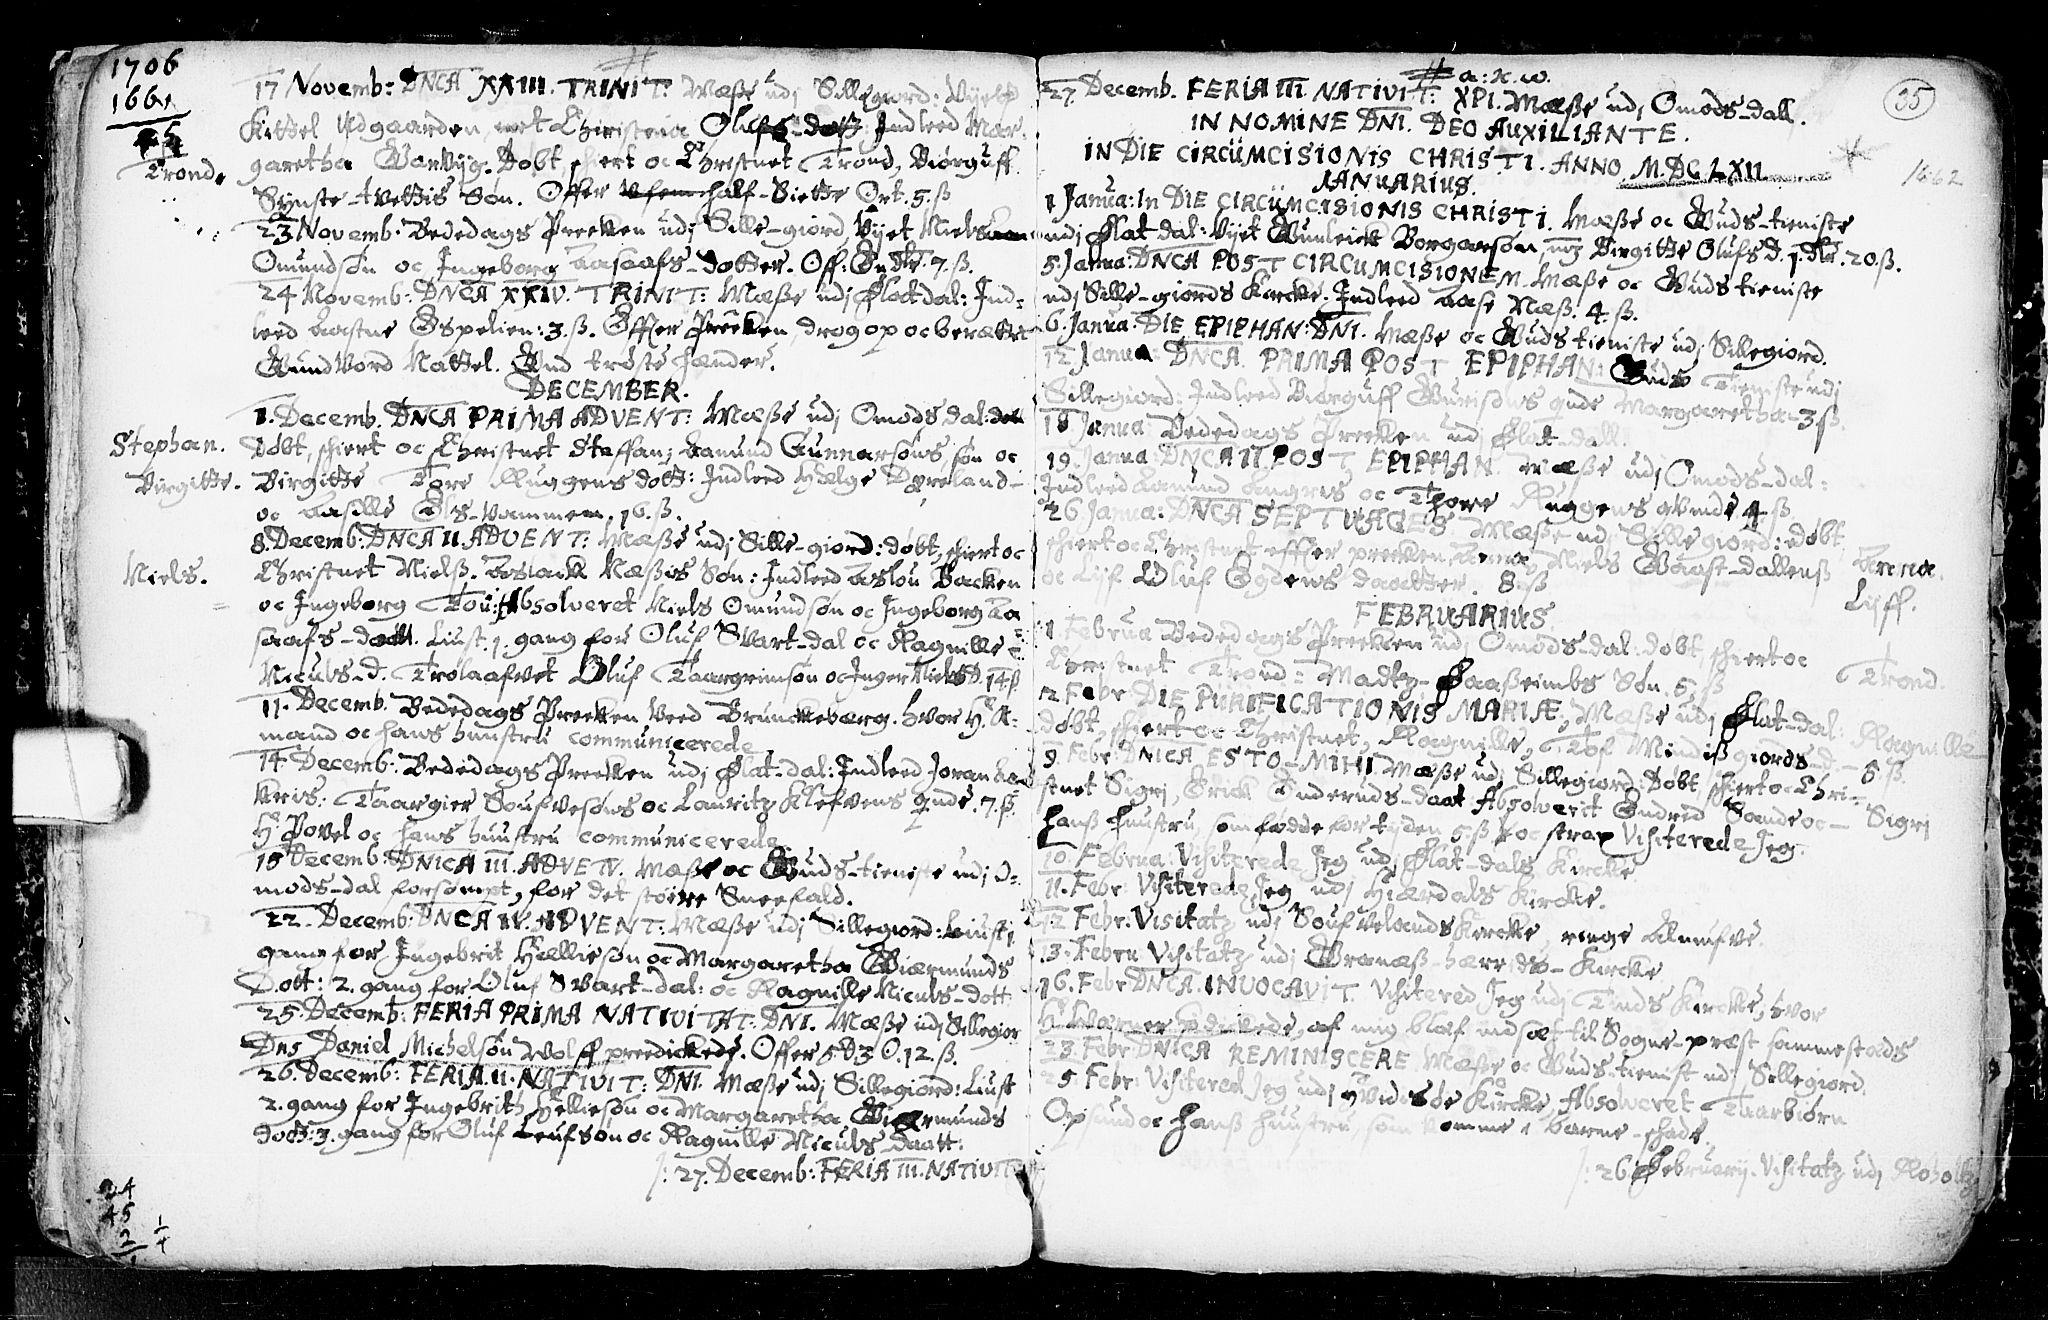 SAKO, Seljord kirkebøker, F/Fa/L0001: Ministerialbok nr. I 1, 1654-1686, s. 35